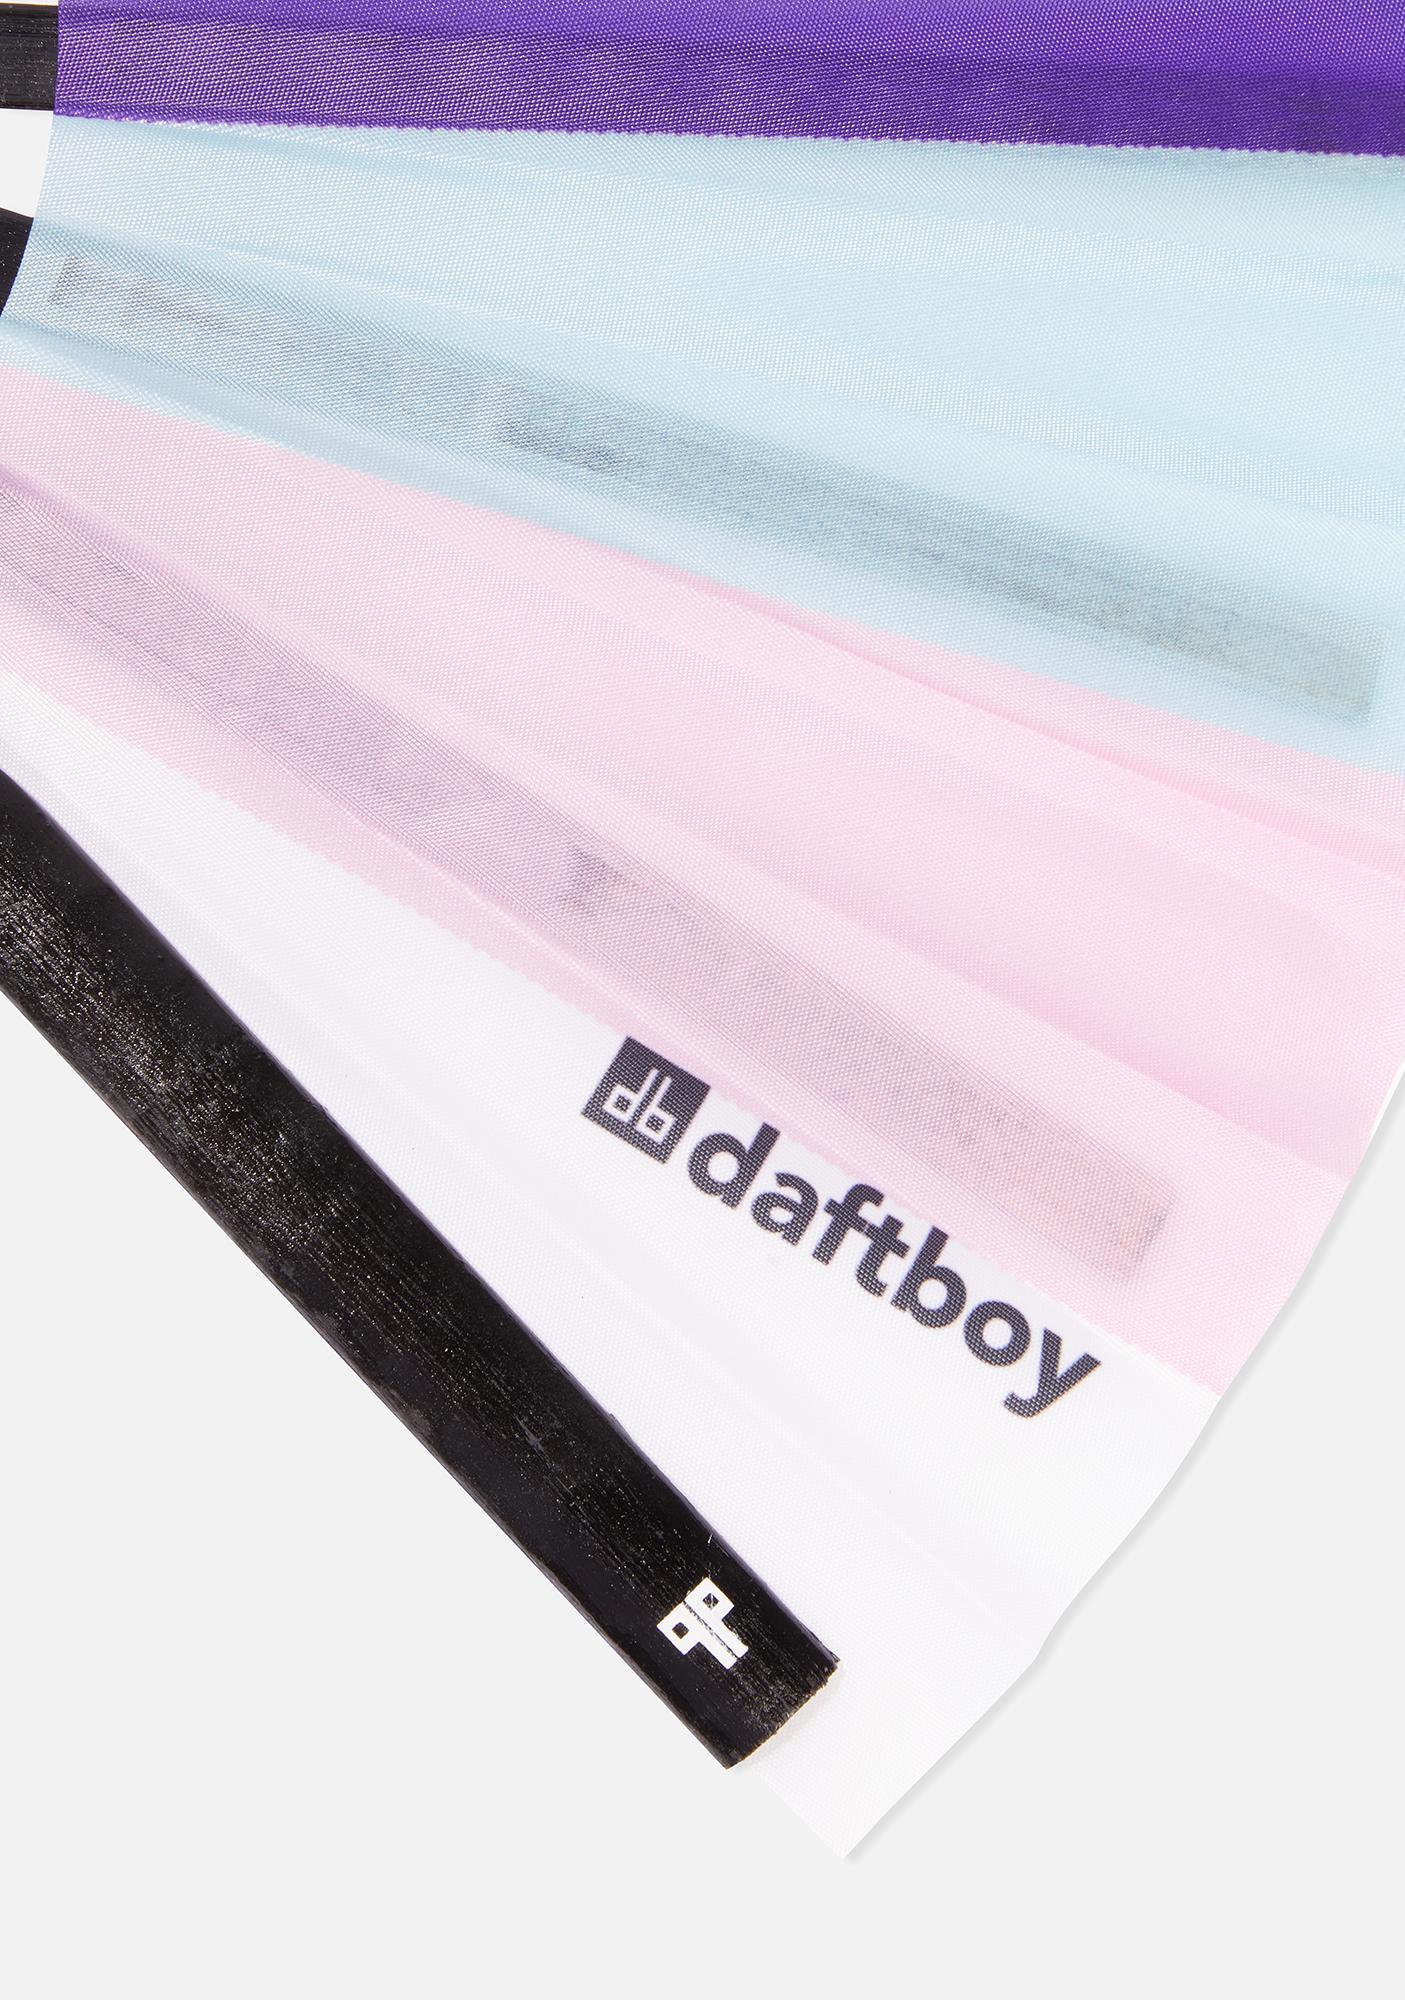 Daft Boy Pride Inclusion Fan